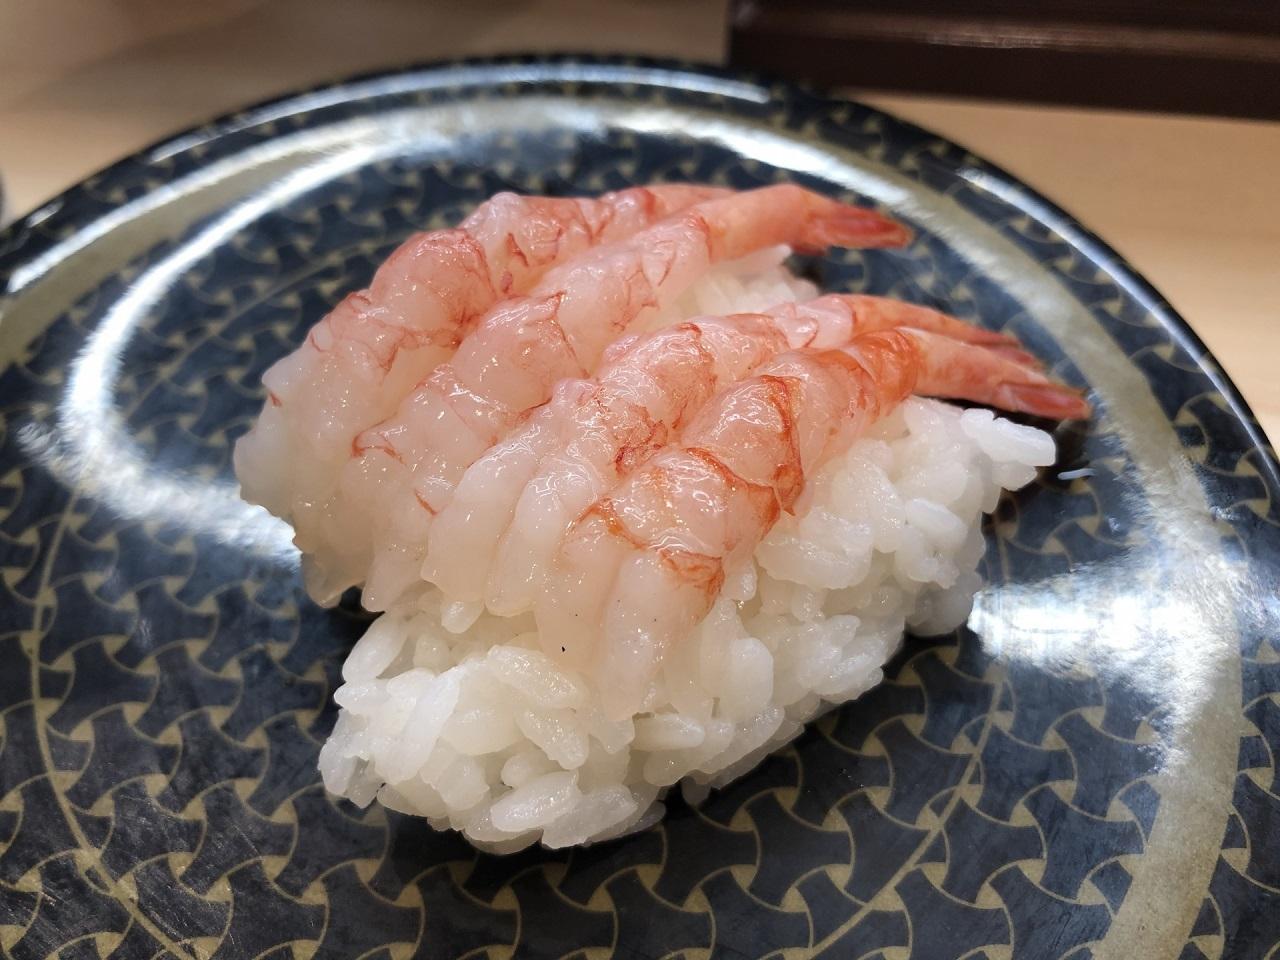 หน้าซูชิ ในญี่ปุ่น - อามะเอบิ (Amaebi)